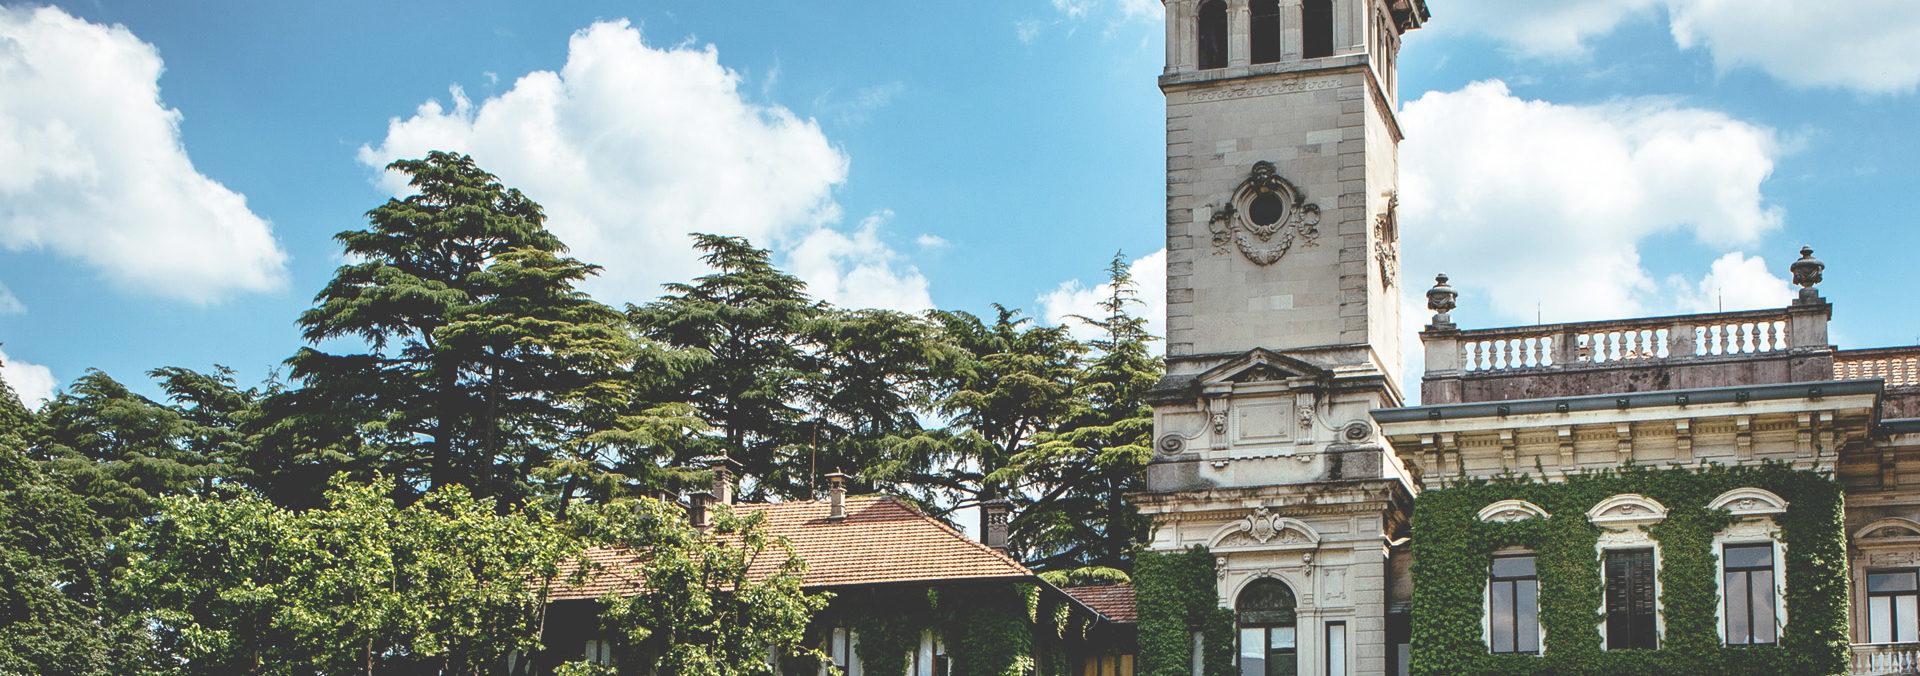 Patrocinio & Partners - Concorso d'Eleganza Villa d'Este